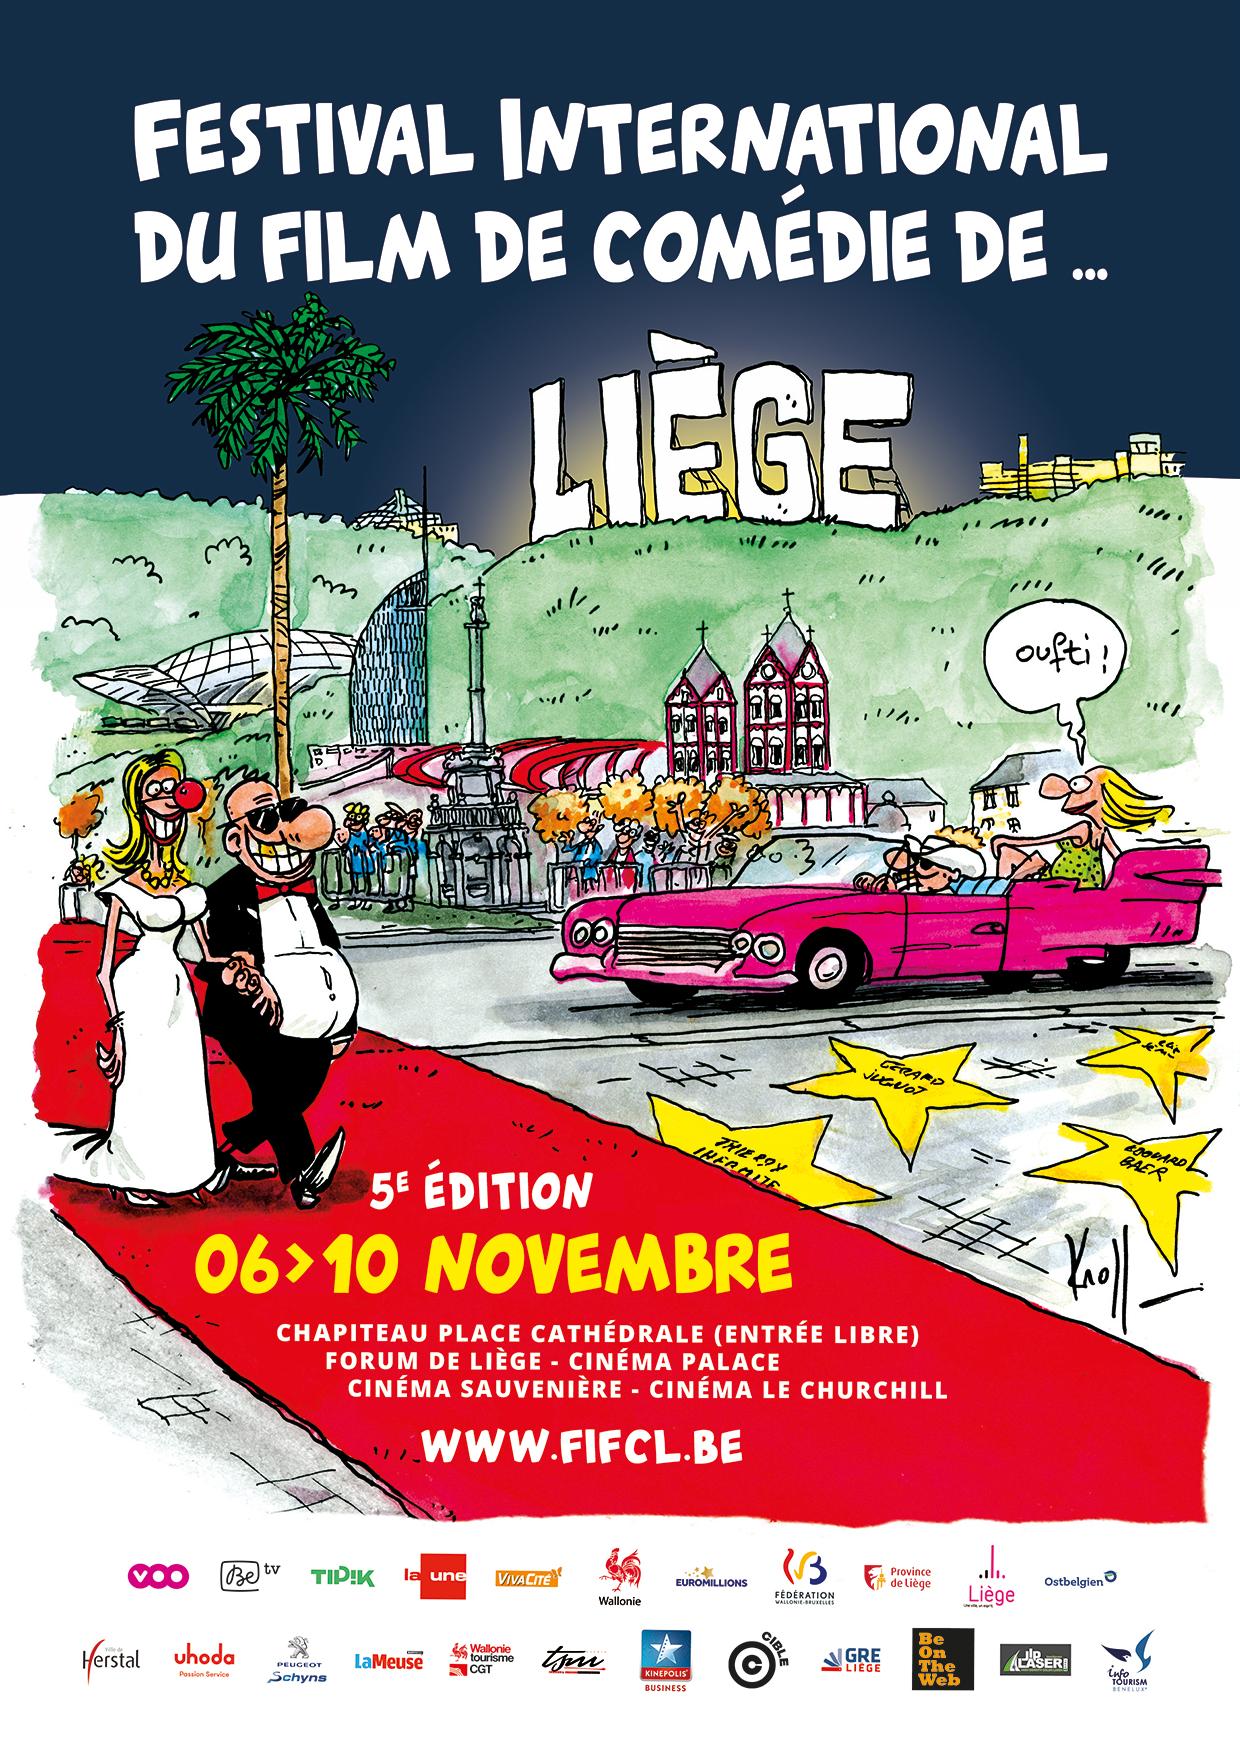 Affiche FIFCL 2017